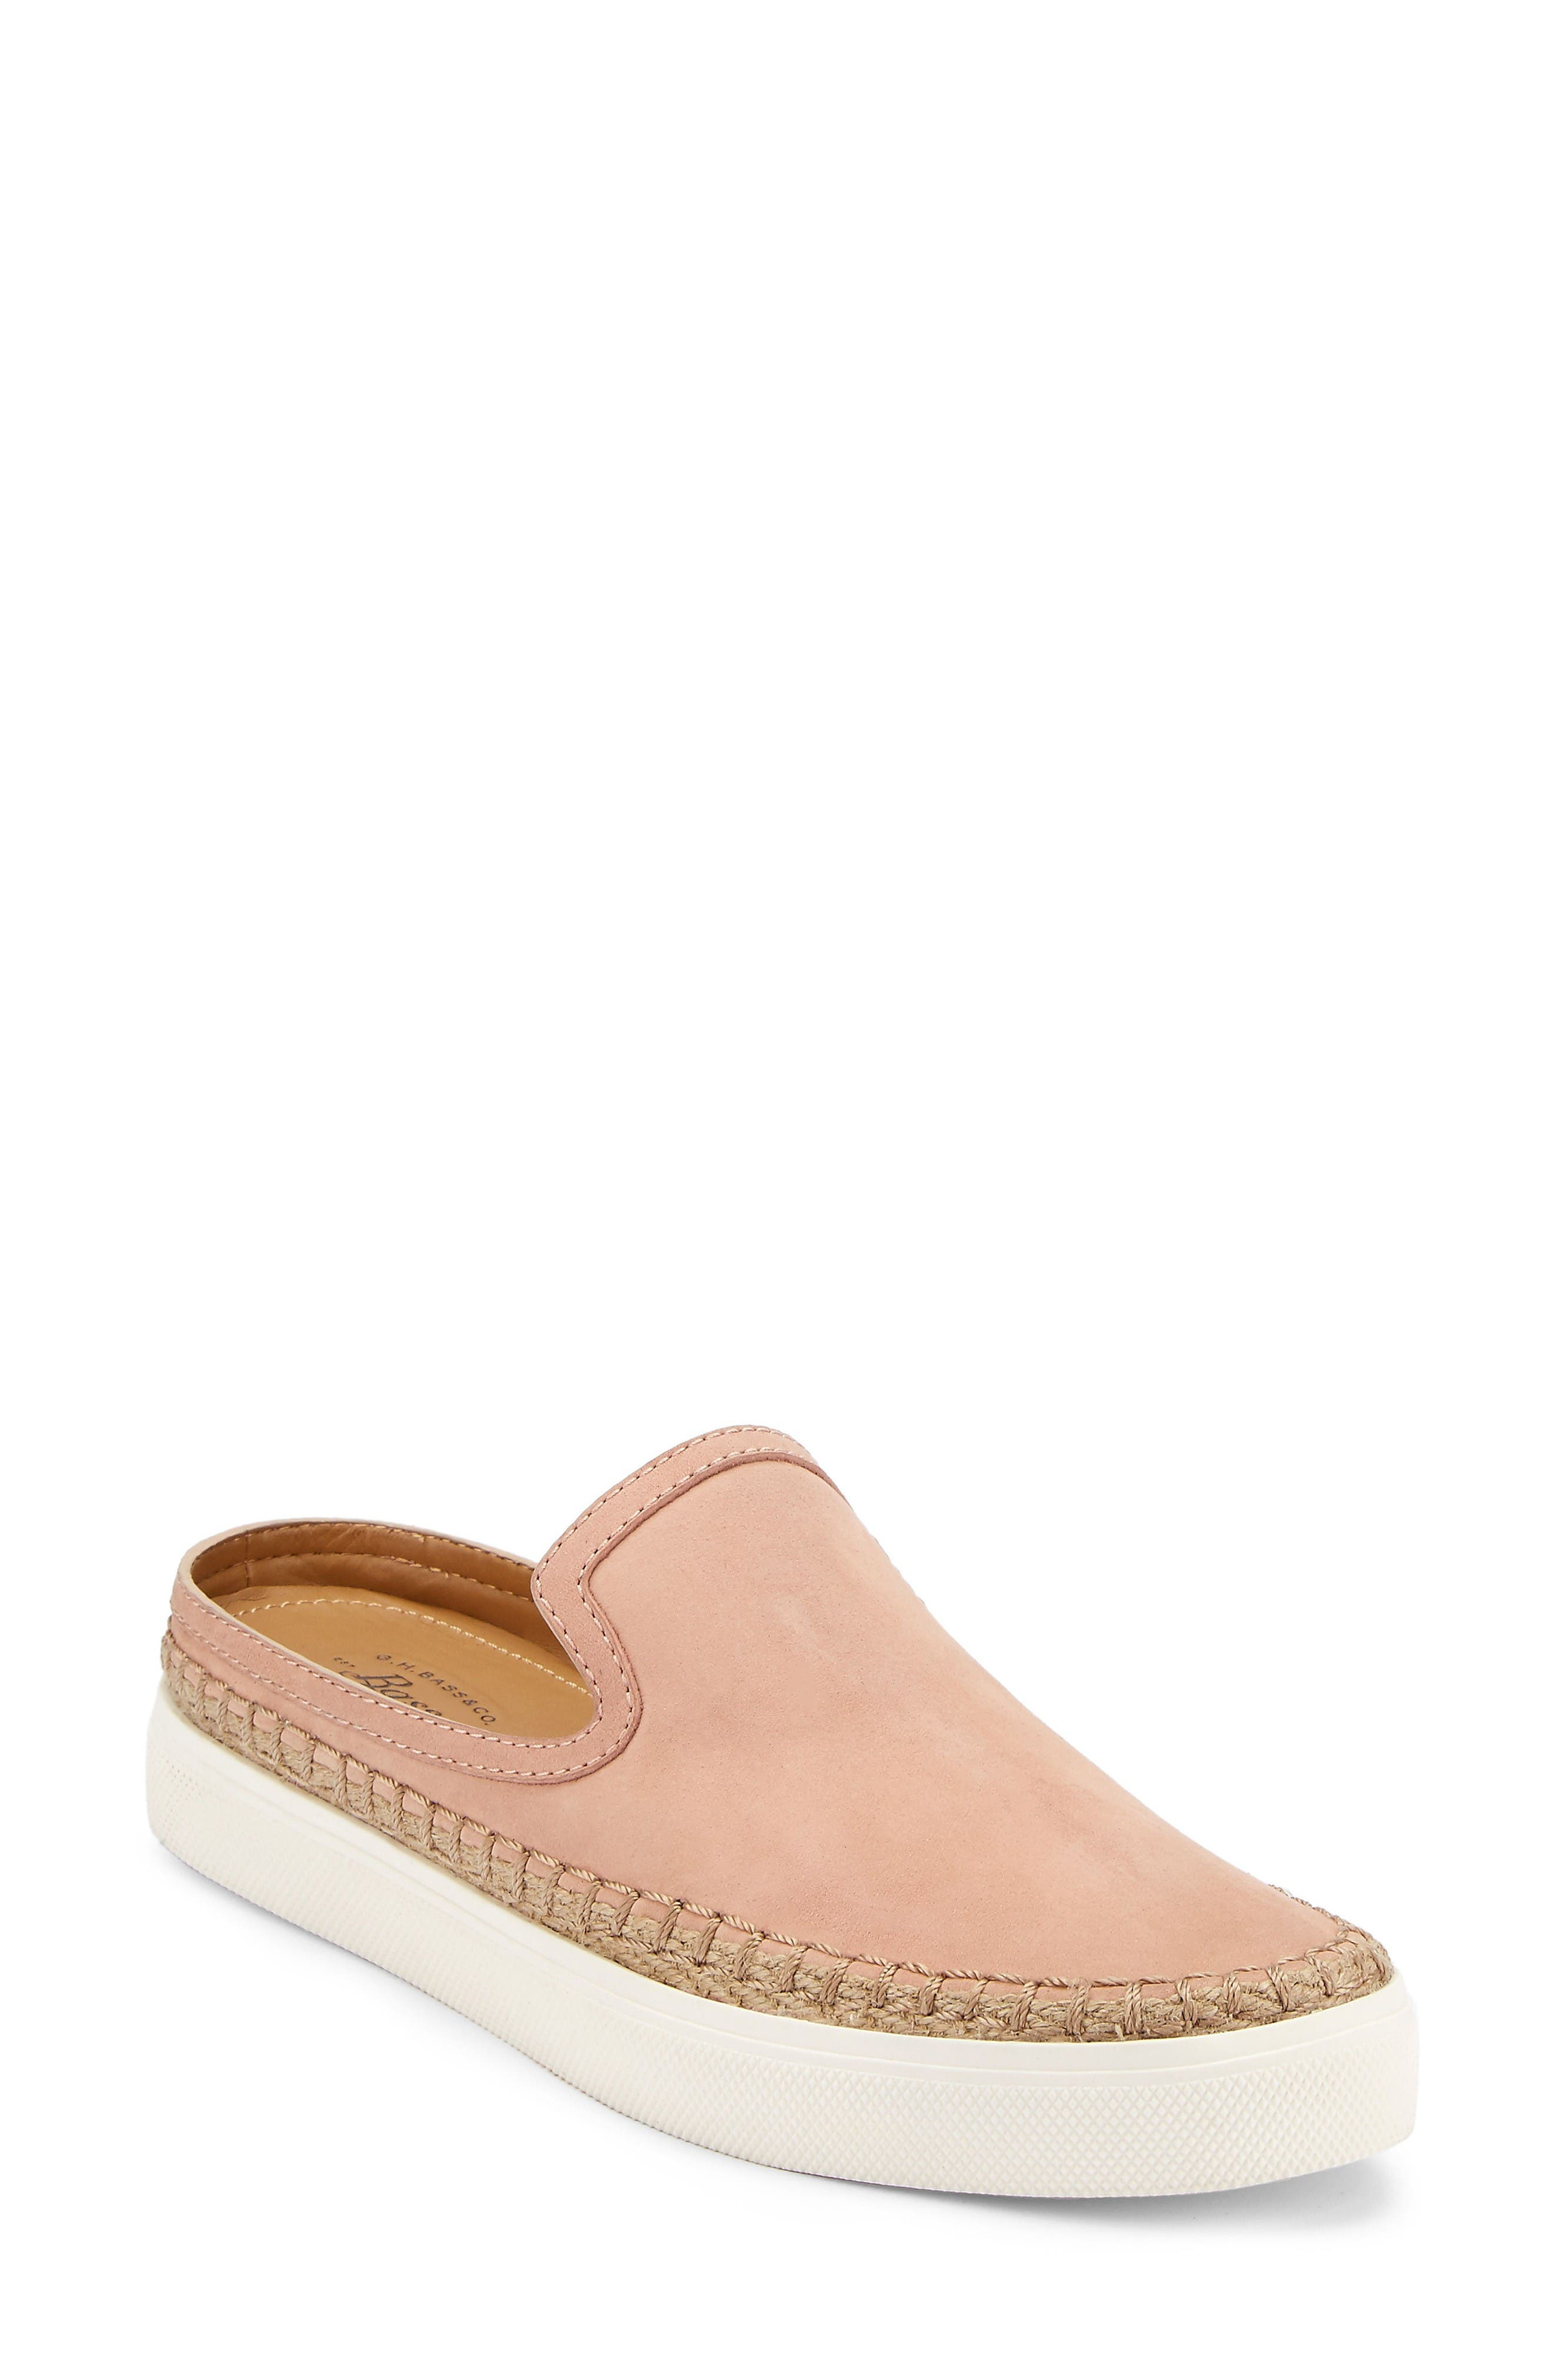 Alternate Image 1 Selected - G.H. Bass & Co. Lola Slip-On Sneaker (Women)